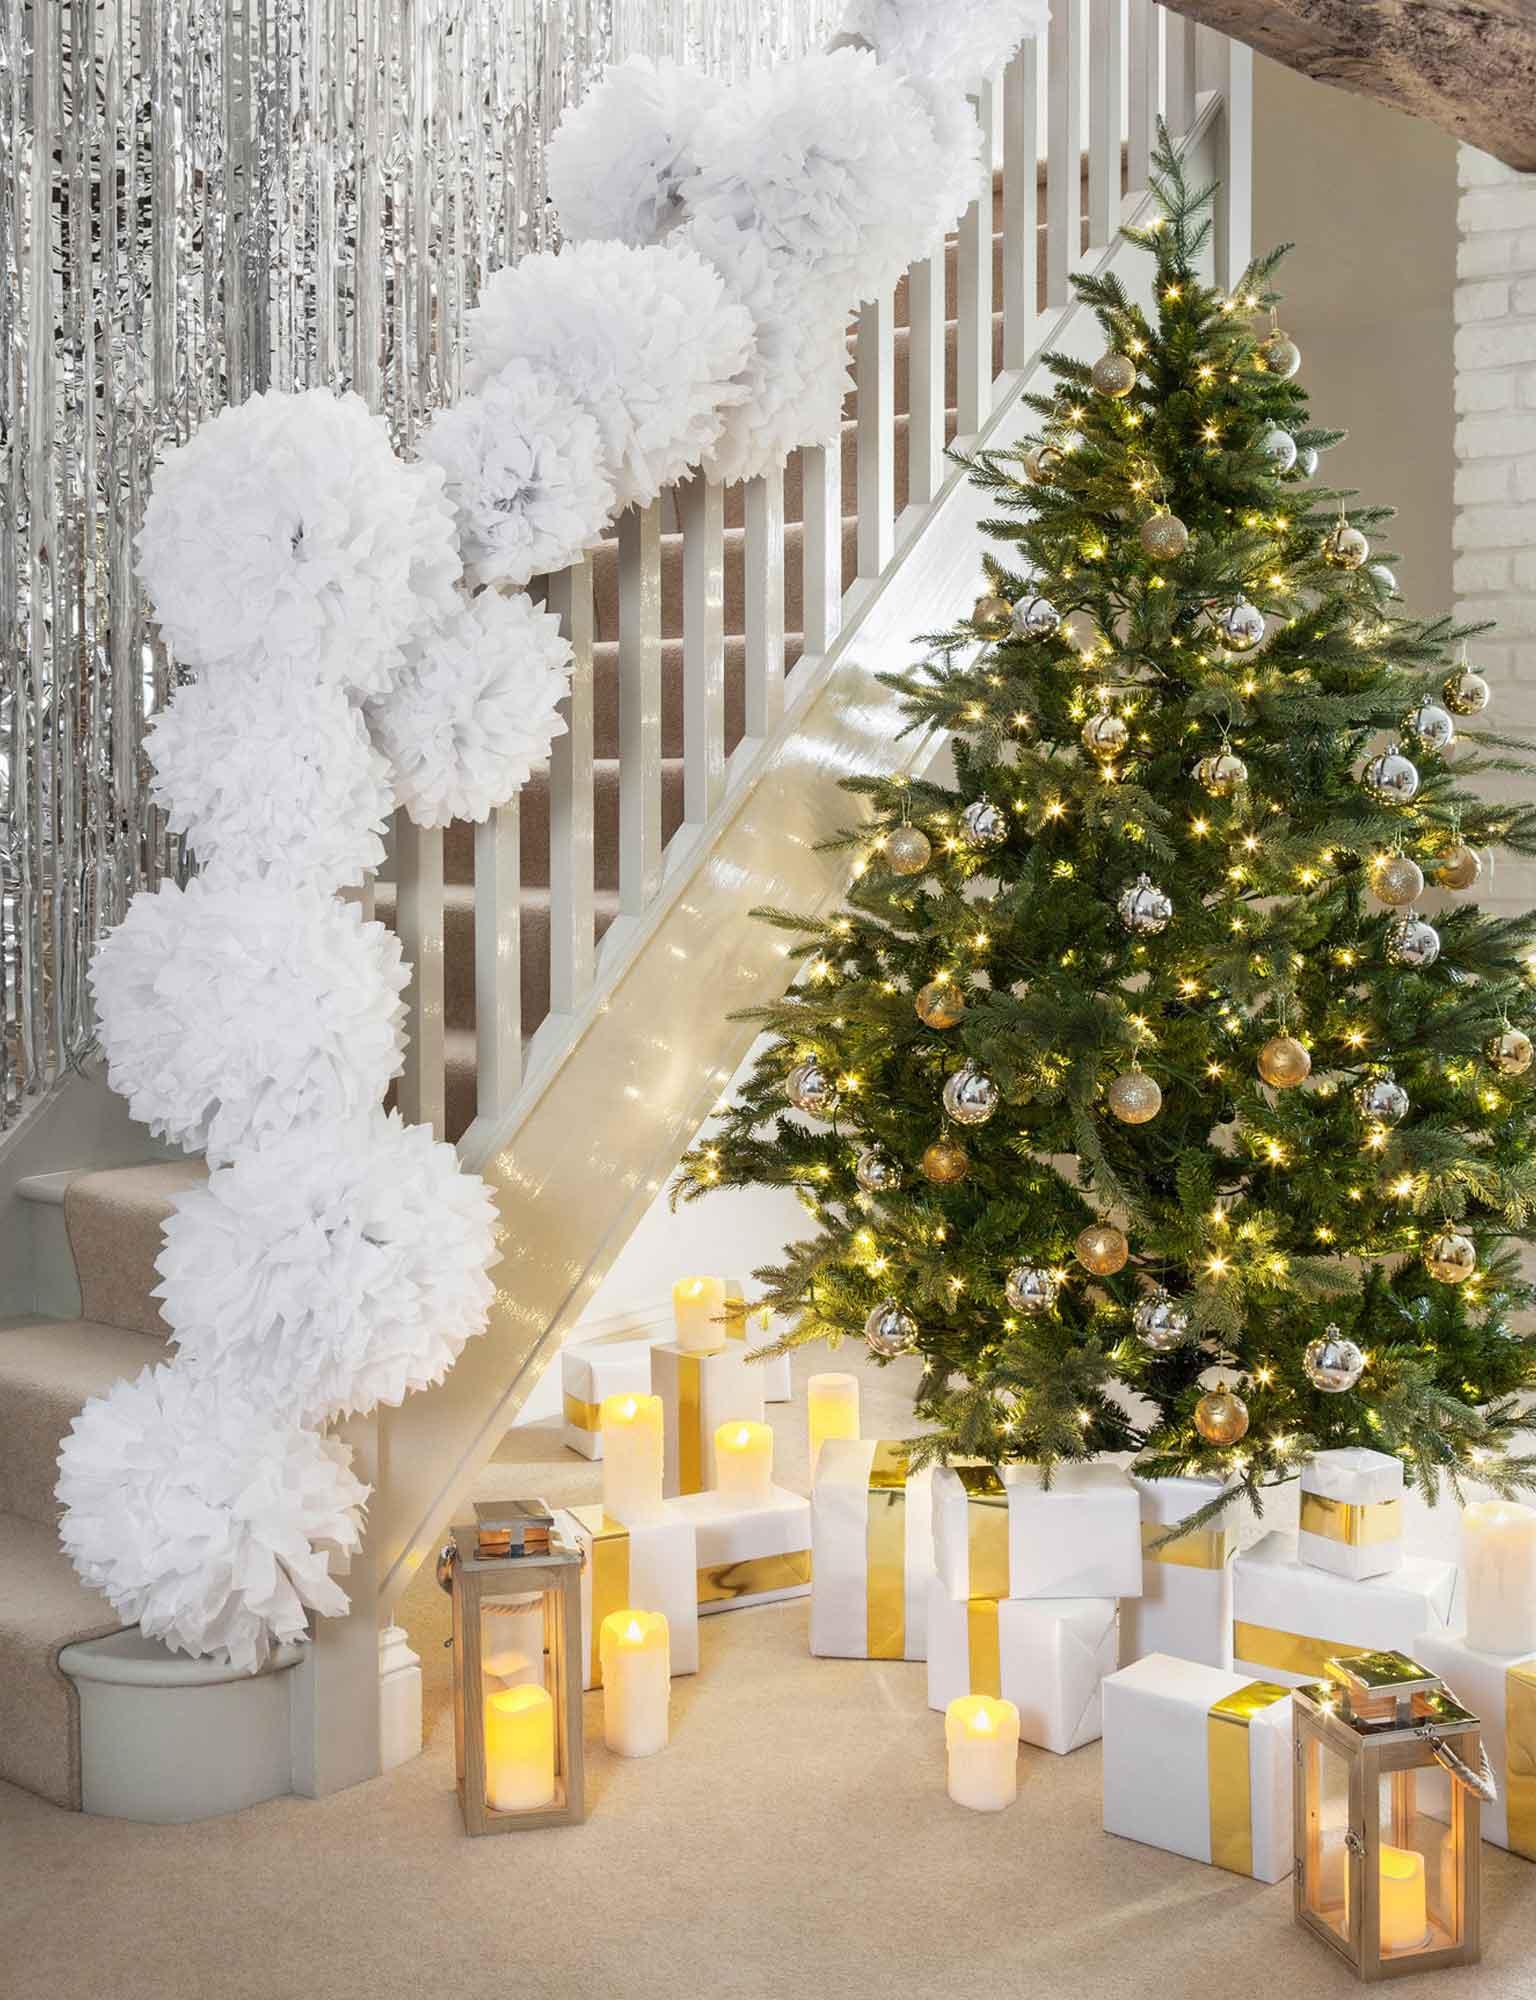 Weihnachtsdeko Für Geländer.Ideen Zur Weihnachtsbeleuchtung Im Eingangsbereich Lights4fun De